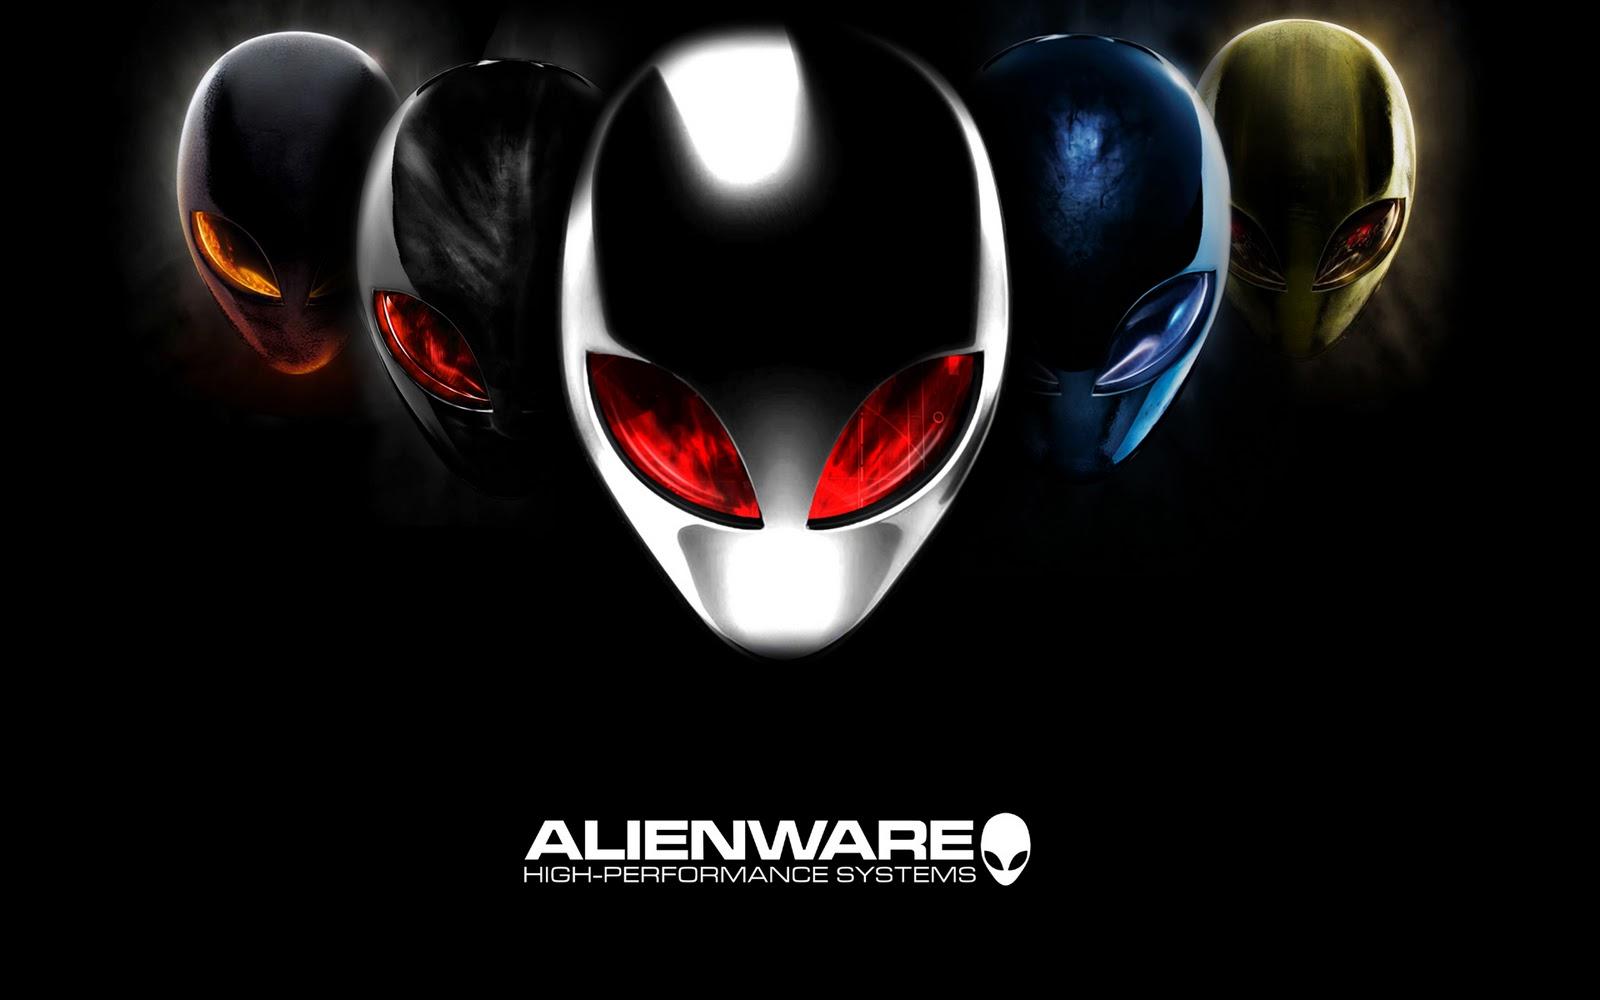 20 Spectacular Alienware Wallpapers For Desktop 1600x1000